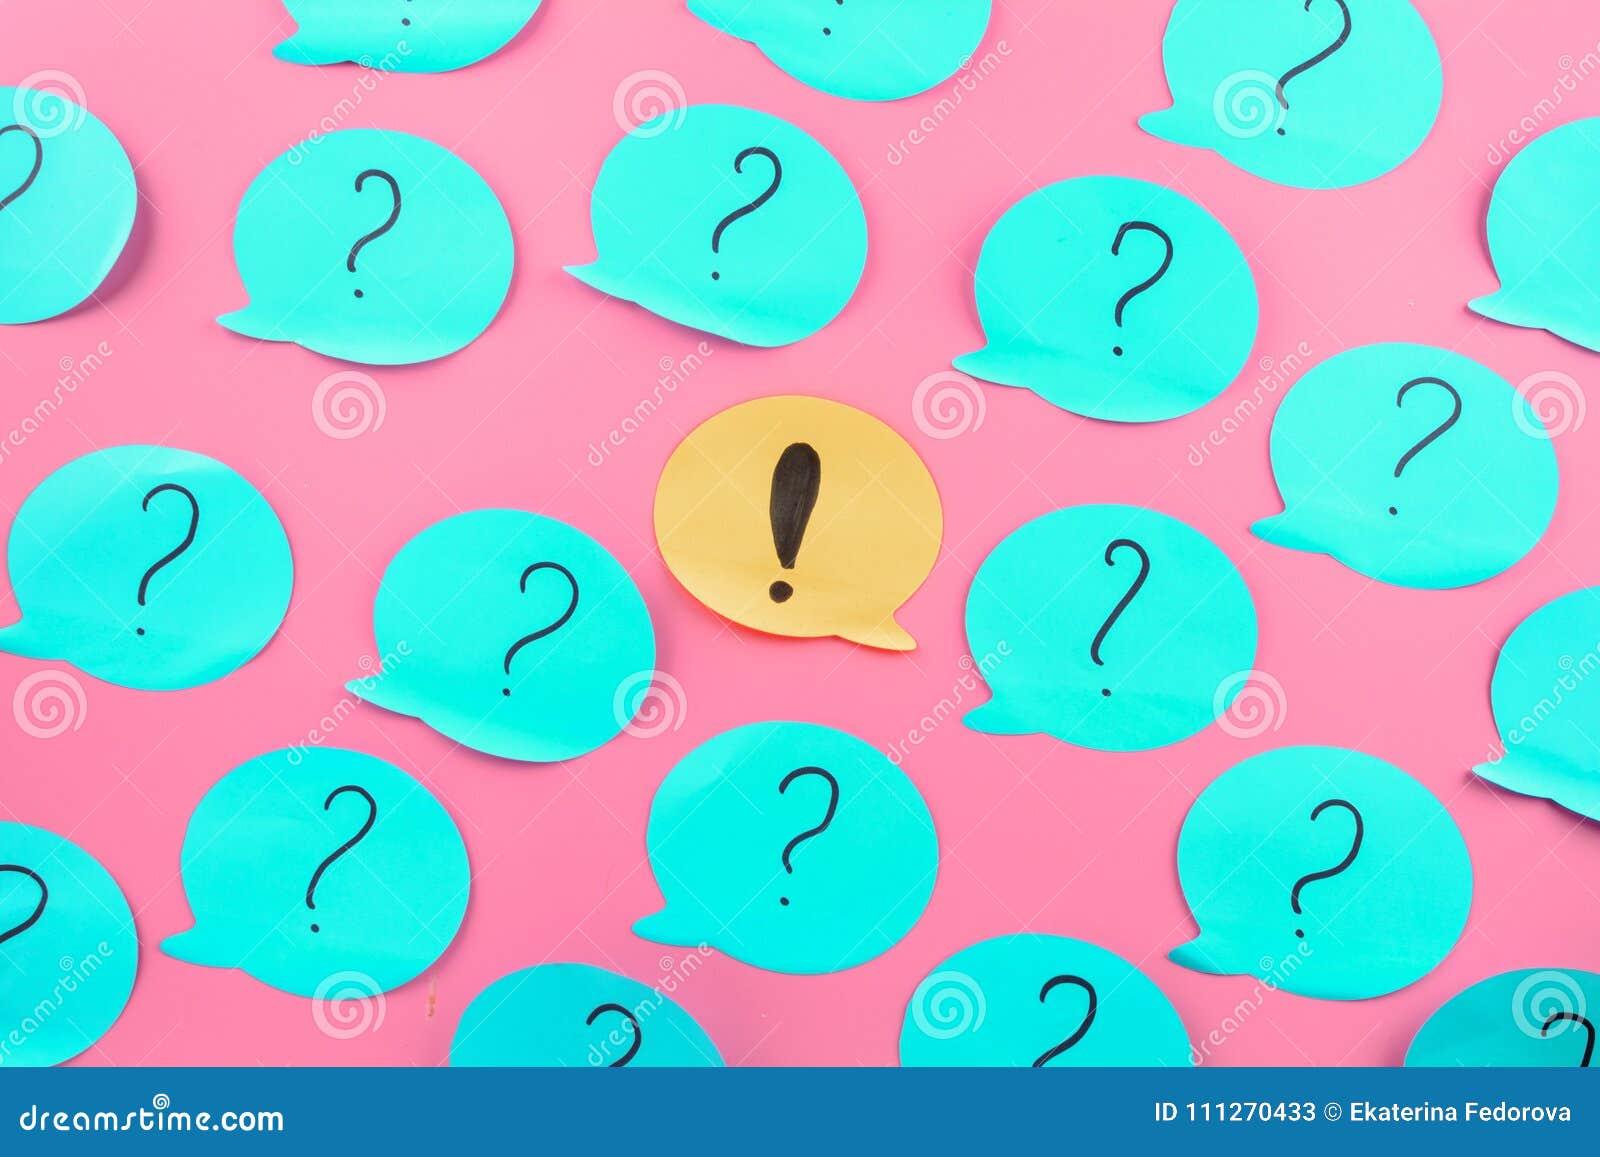 背景,贴纸 感叹号在中心 在蓝纸写的问号